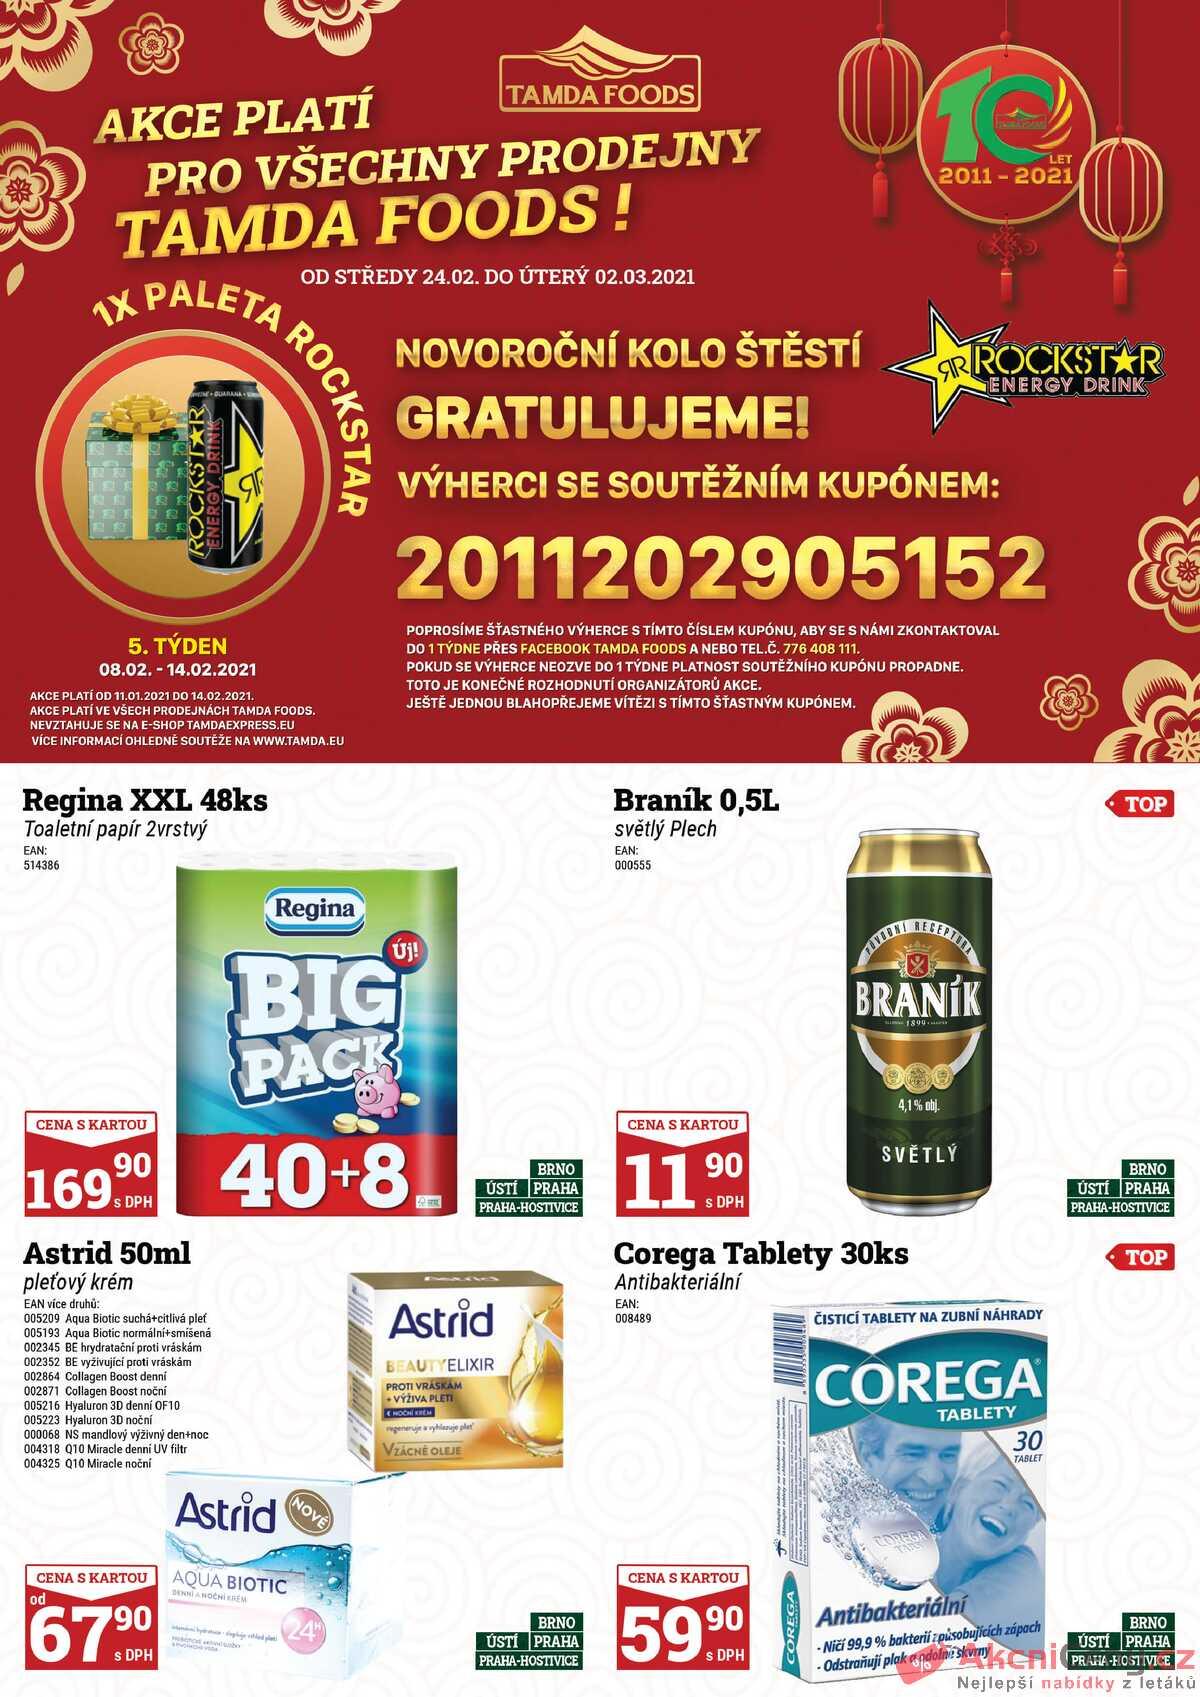 Leták Tamda Foods strana 1/28